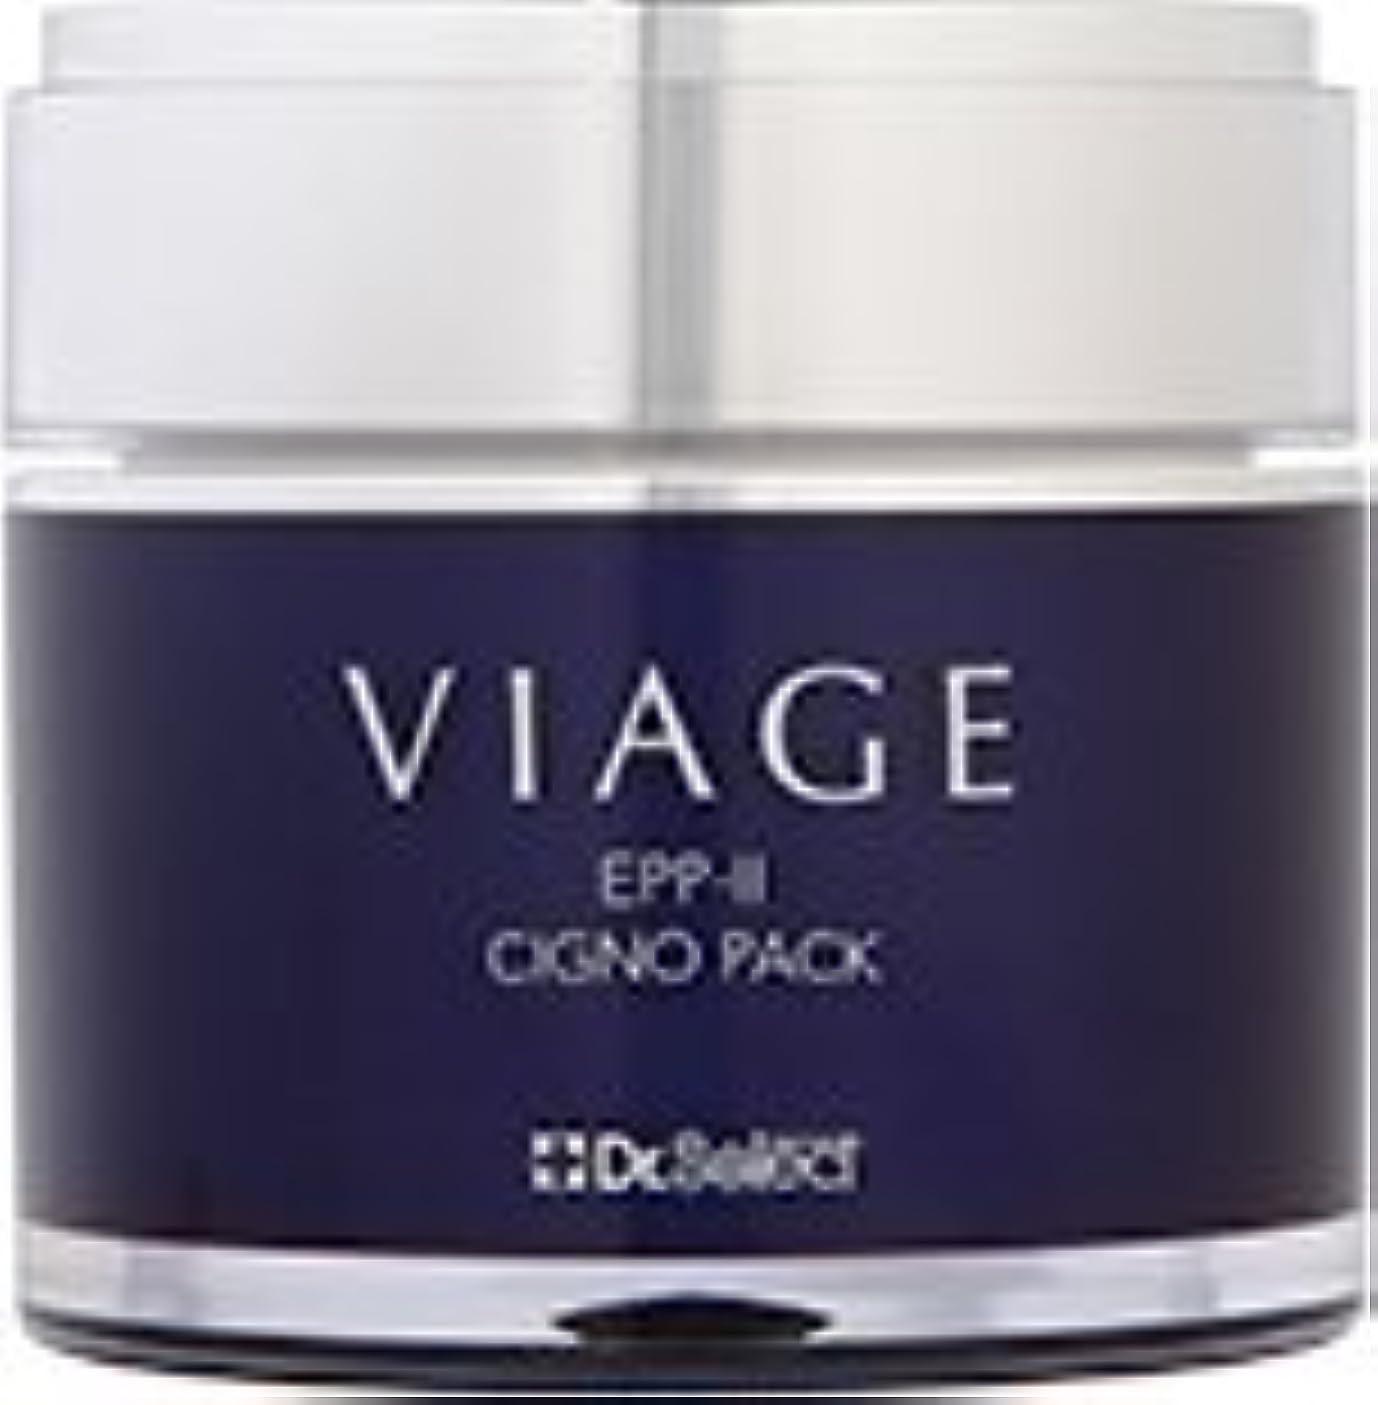 頭痛可能性靄ドクターセレクトEPP-Ⅱ シグノパック   VIAGE 80g(パック)